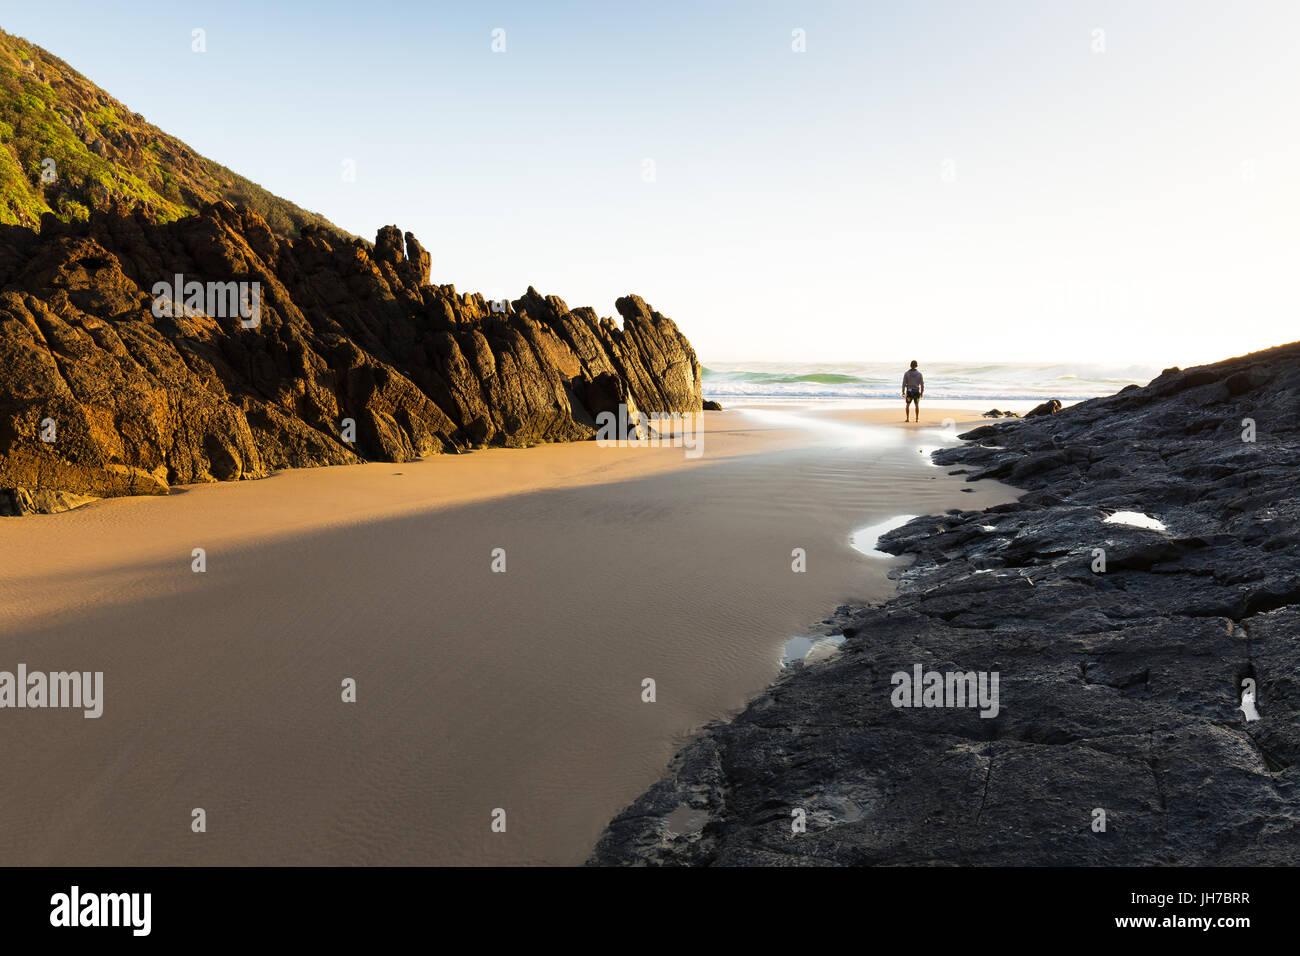 Eine Person steht allein an einem einsamen Strand in Australien und sieht die helle Morgensonne leuchten die Küste Stockbild